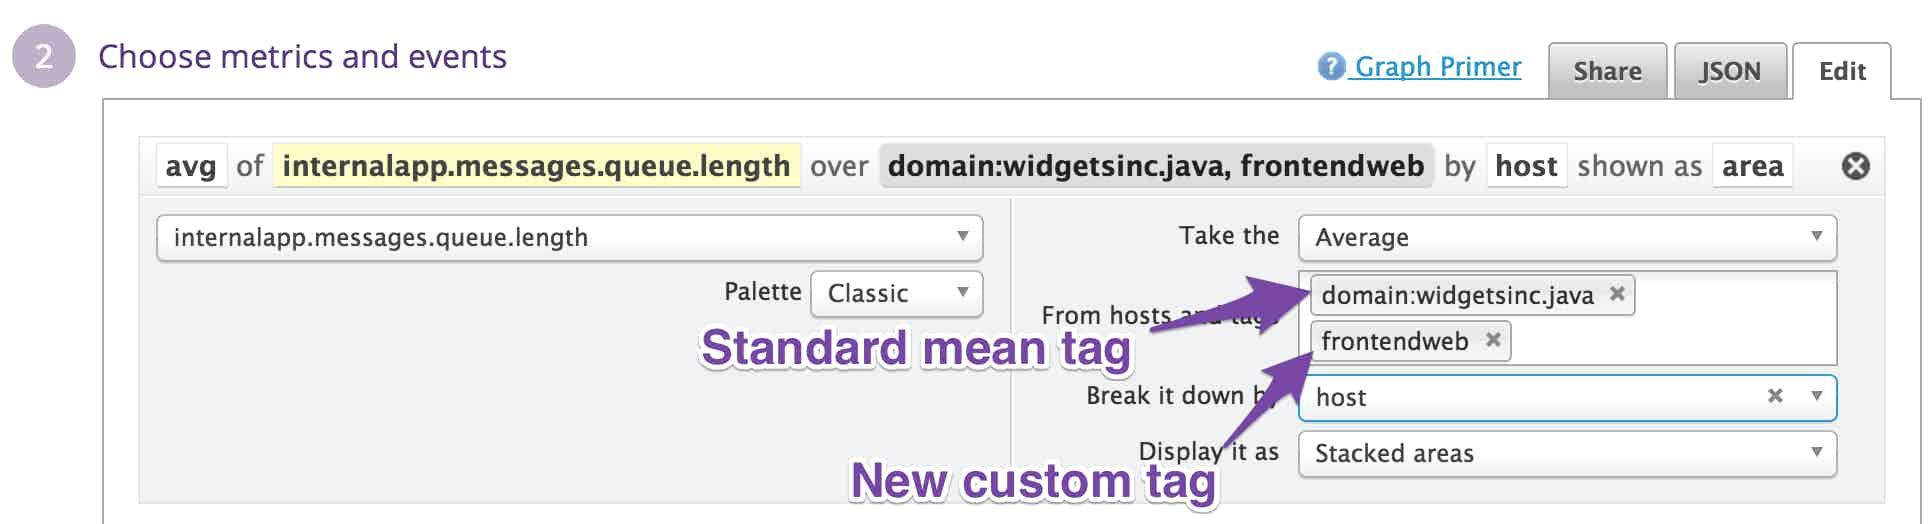 JMX custom tags